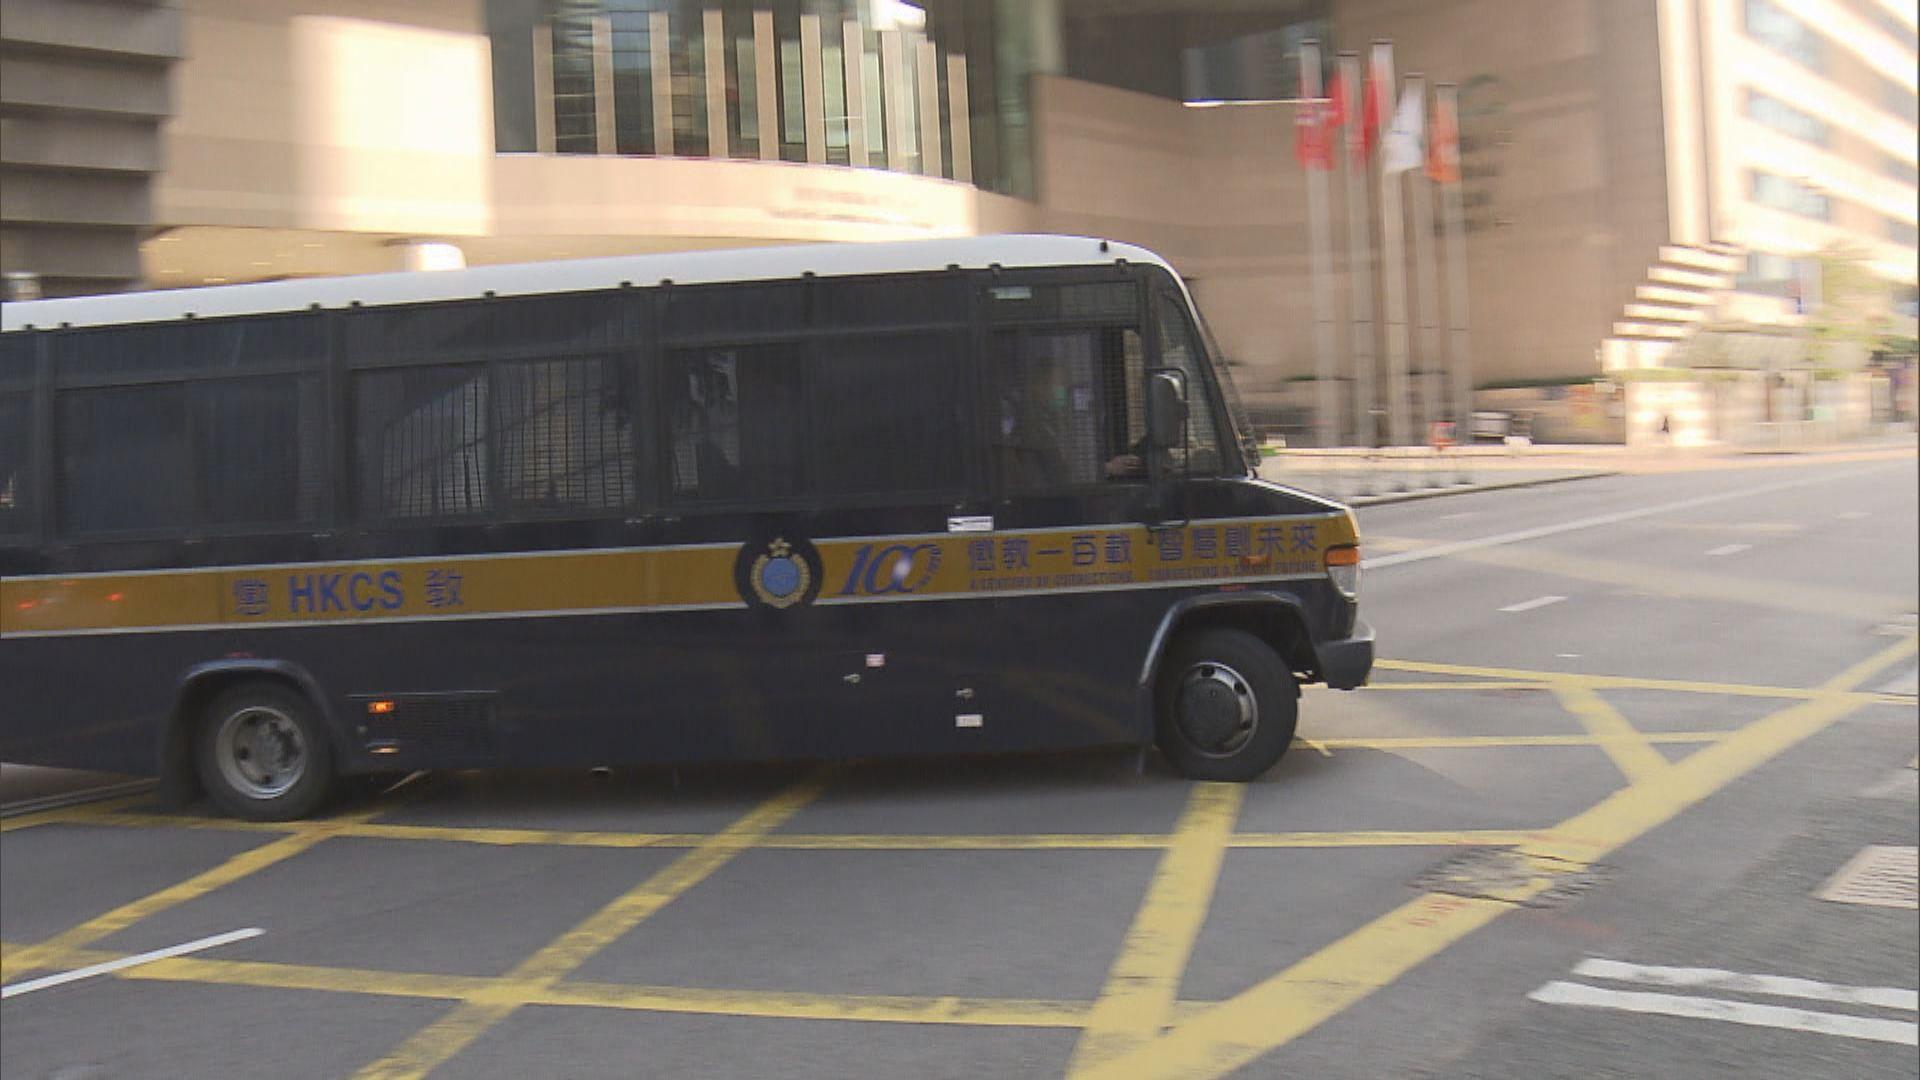 消防員反修例示威中被捕搜出汽油彈 5罪共囚34個月